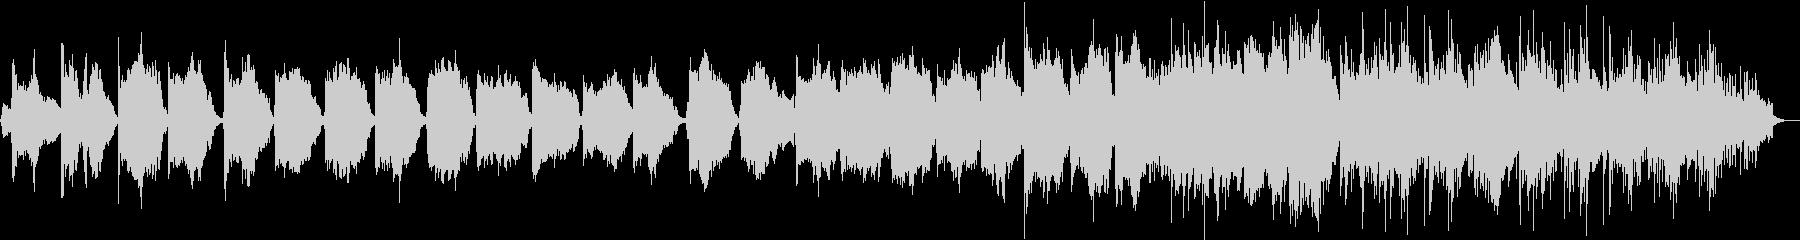 BGM_和風回想曲の未再生の波形